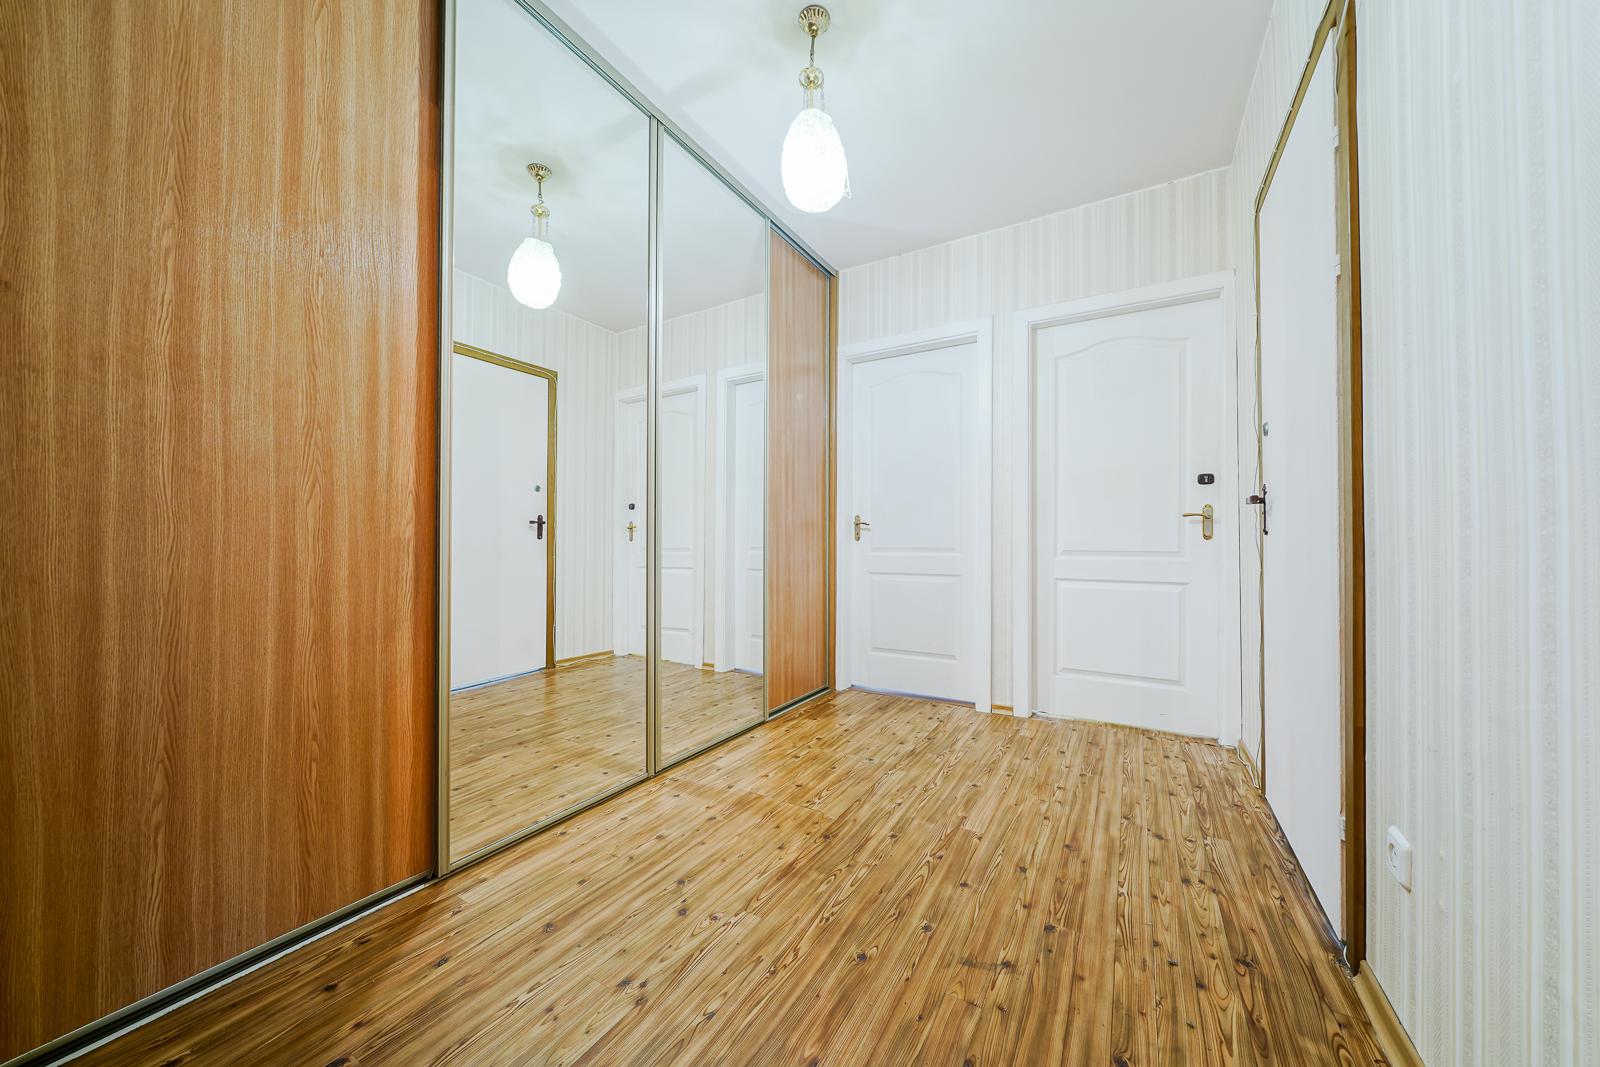 Продажа трехкомнатной квартиры, Минск, Космонавтов ул., 3-5 - фото 8